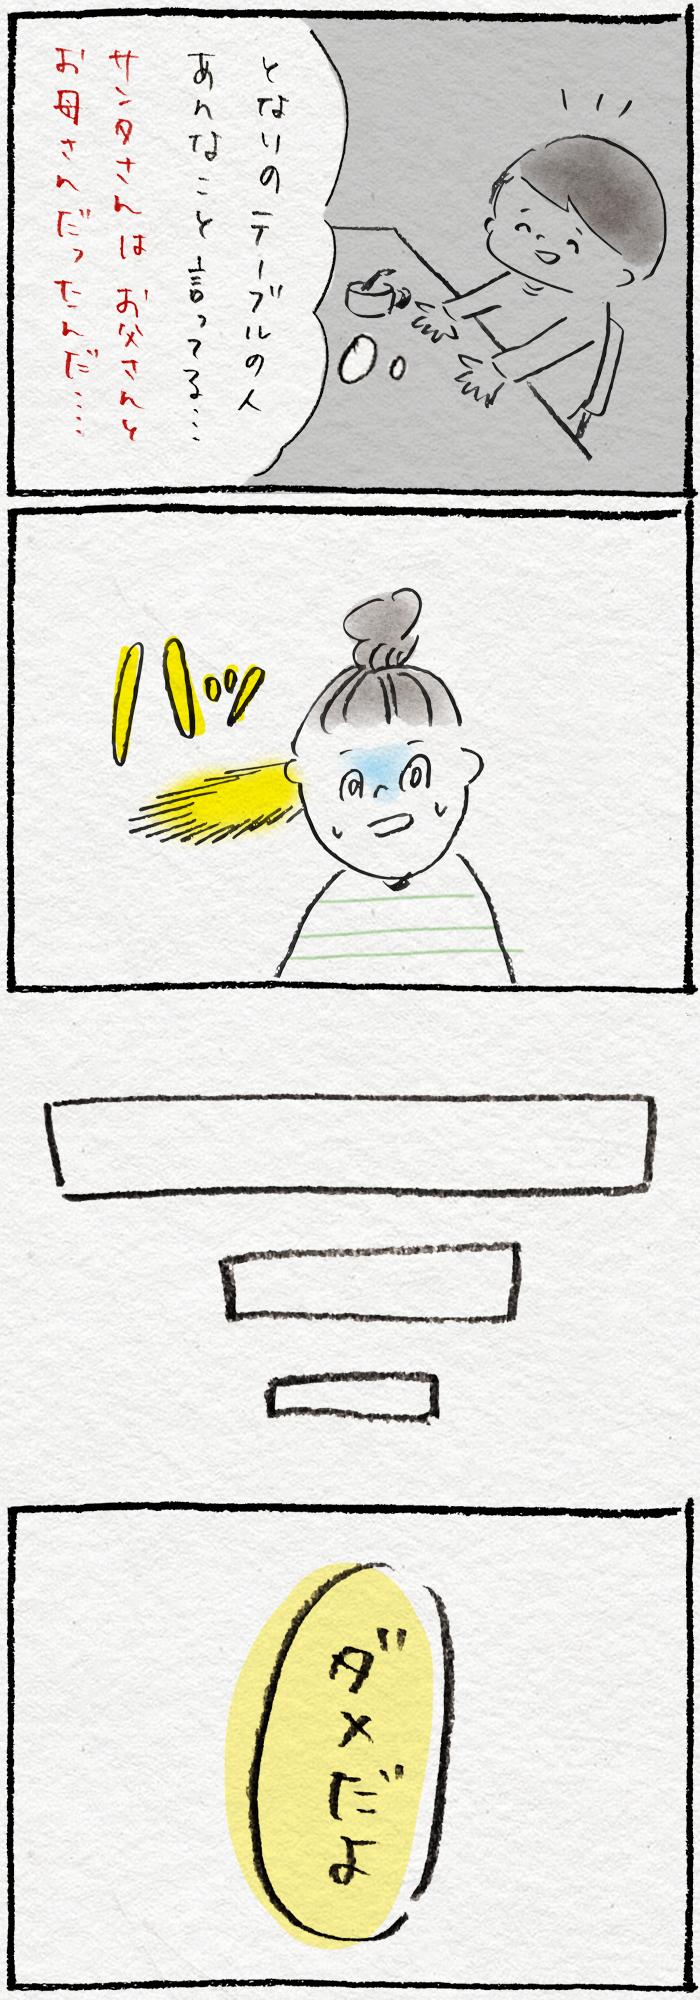 サンタの話は「家の中」でした方が良いワケ(笑)の画像4